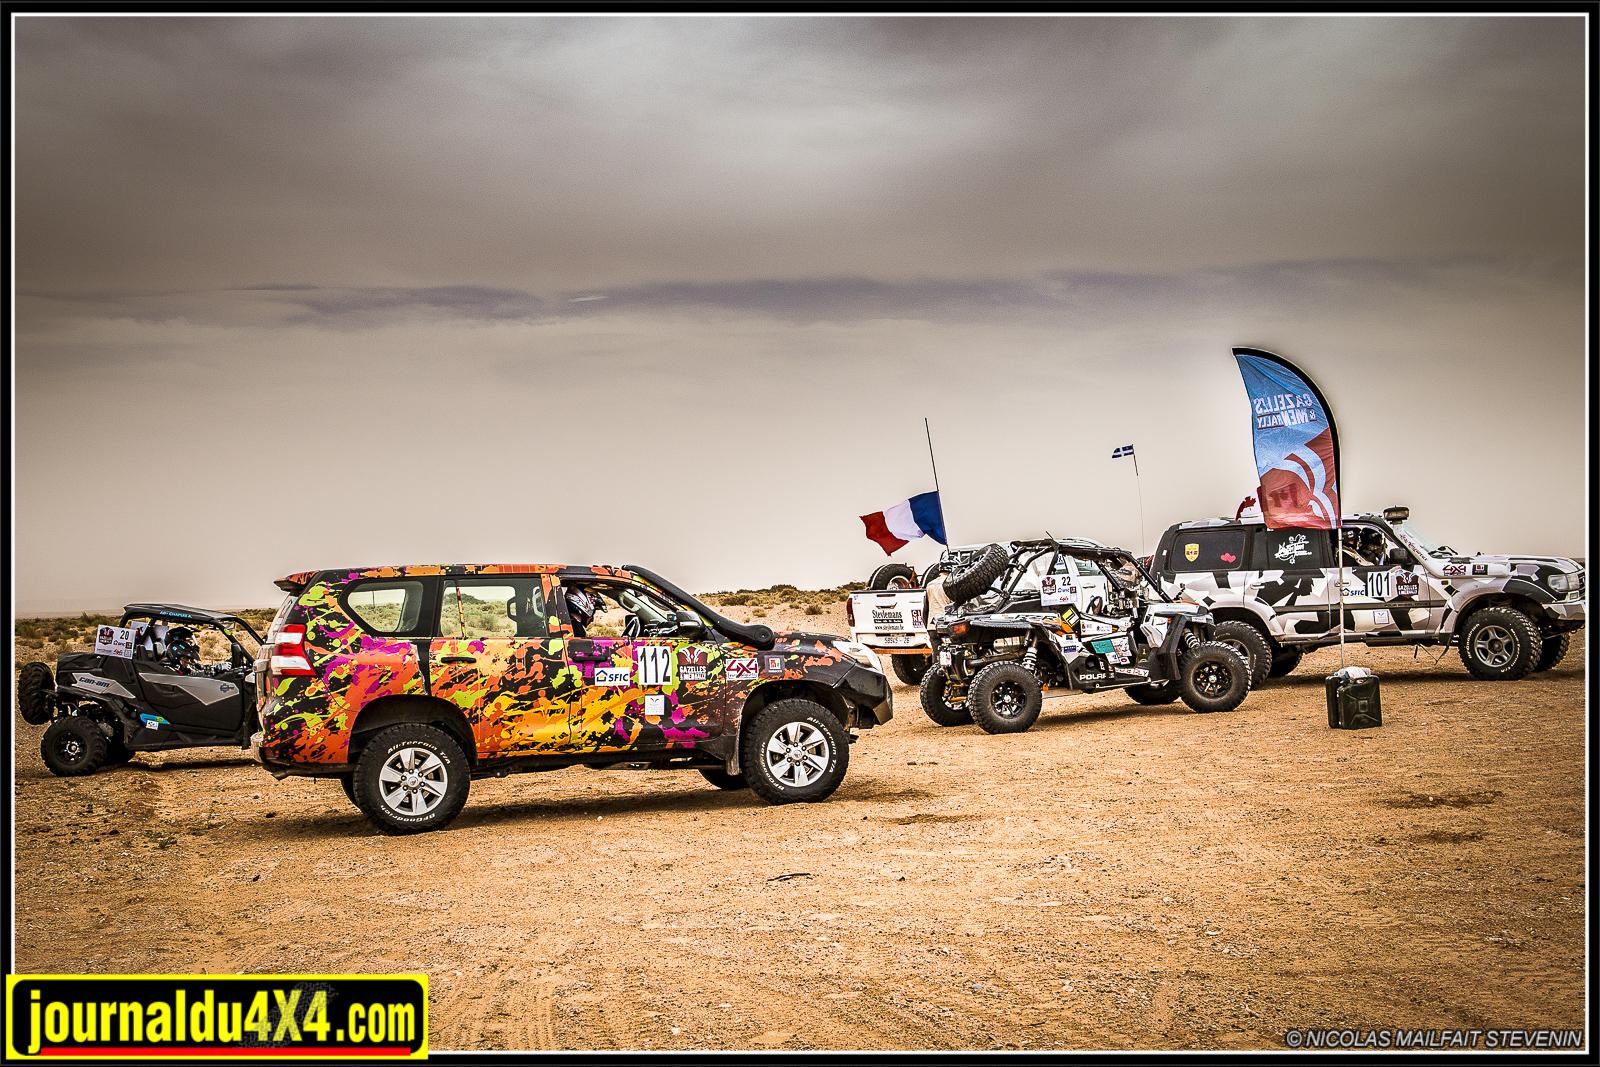 Sur le Gazelles and Men, chaque CP est matérialisé par un drapeau. Un membre de l'organisation pointe le passage de chaque véhicule.